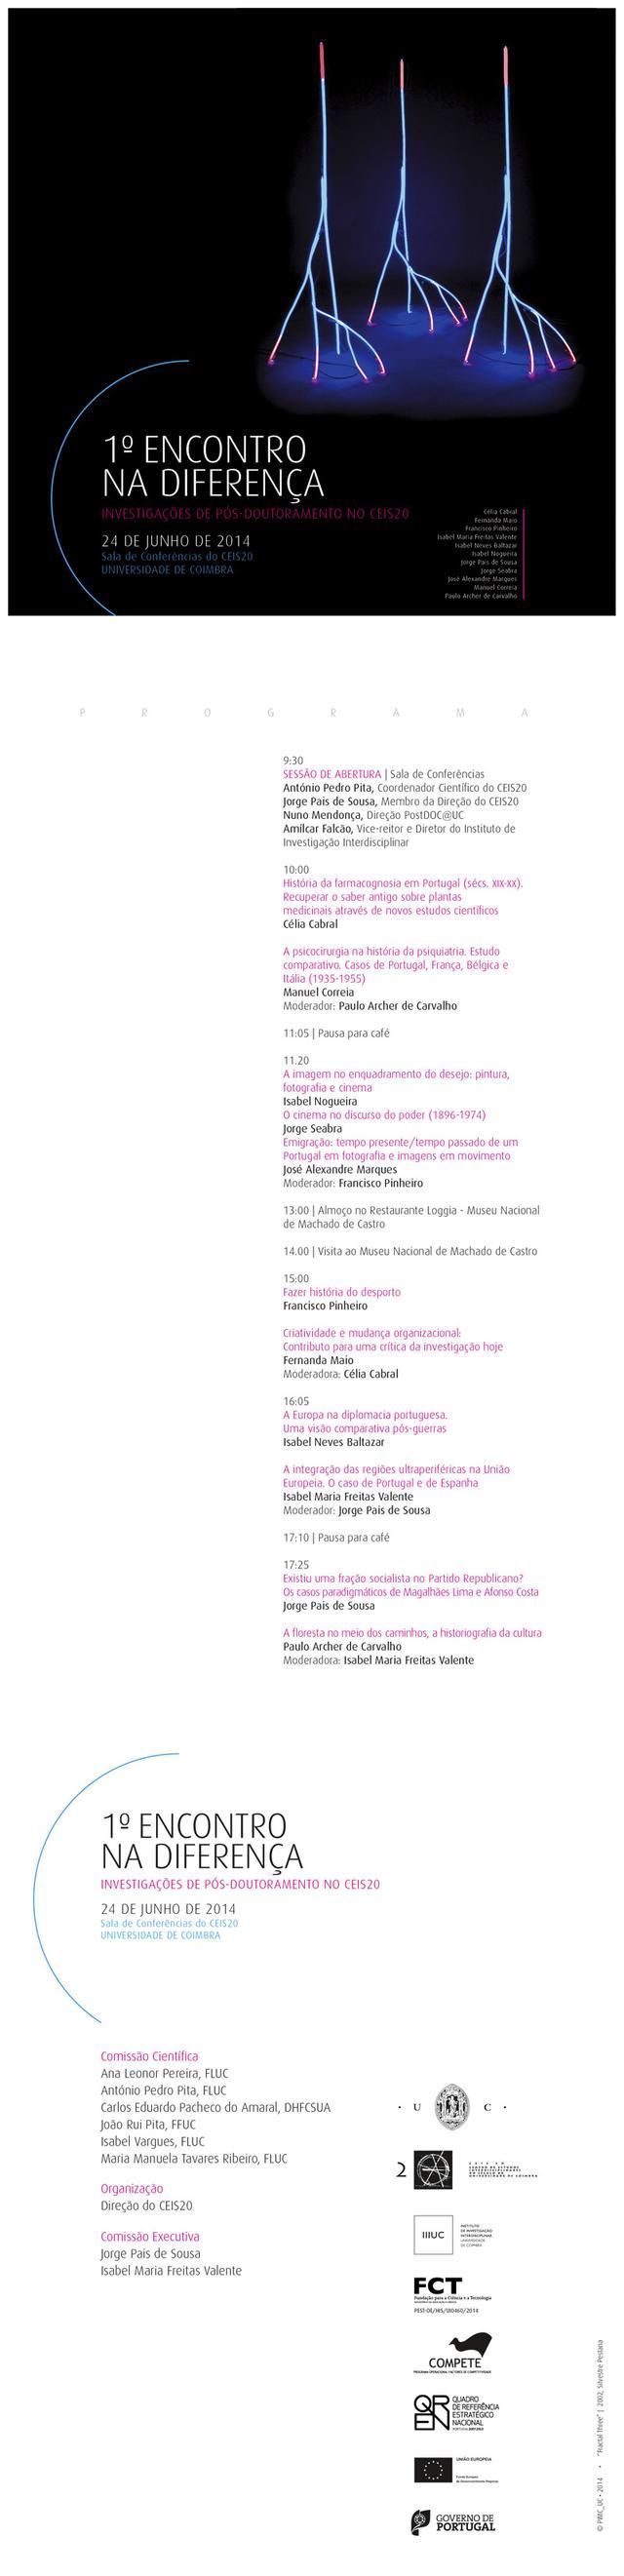 1º Encontro na Diferença: Investigações de Pós-Doutoramento no CEIS20